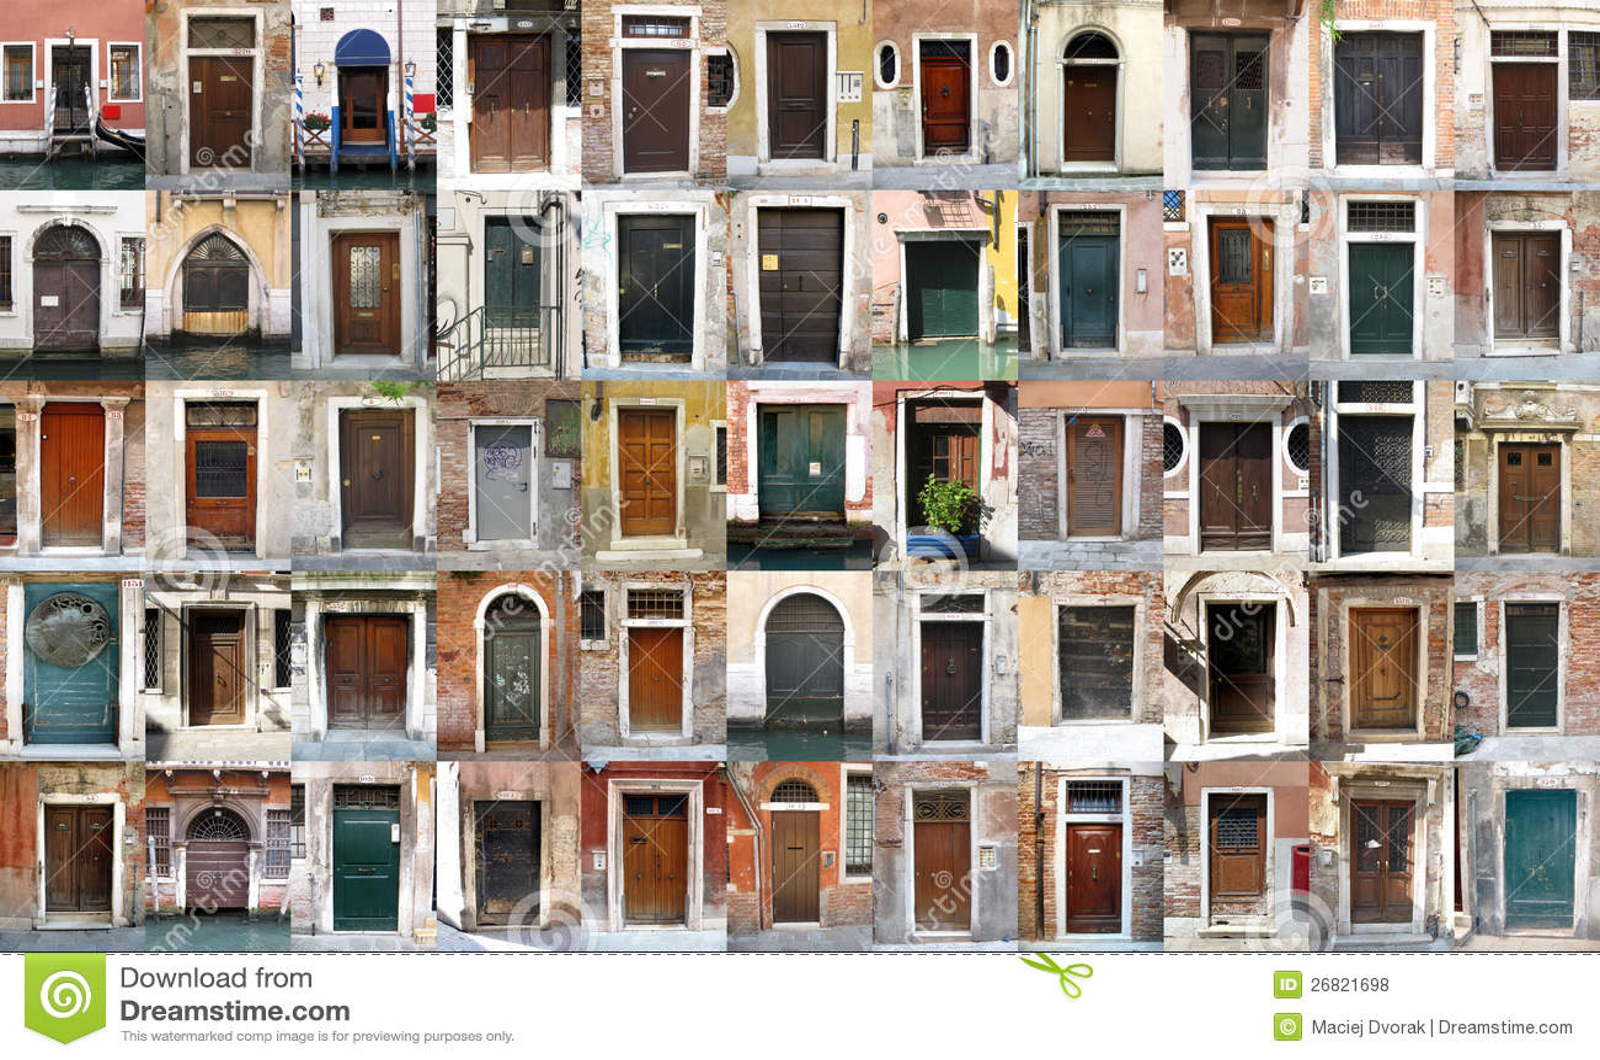 Doors Venice Italy Royalty Free Stock Photos Image